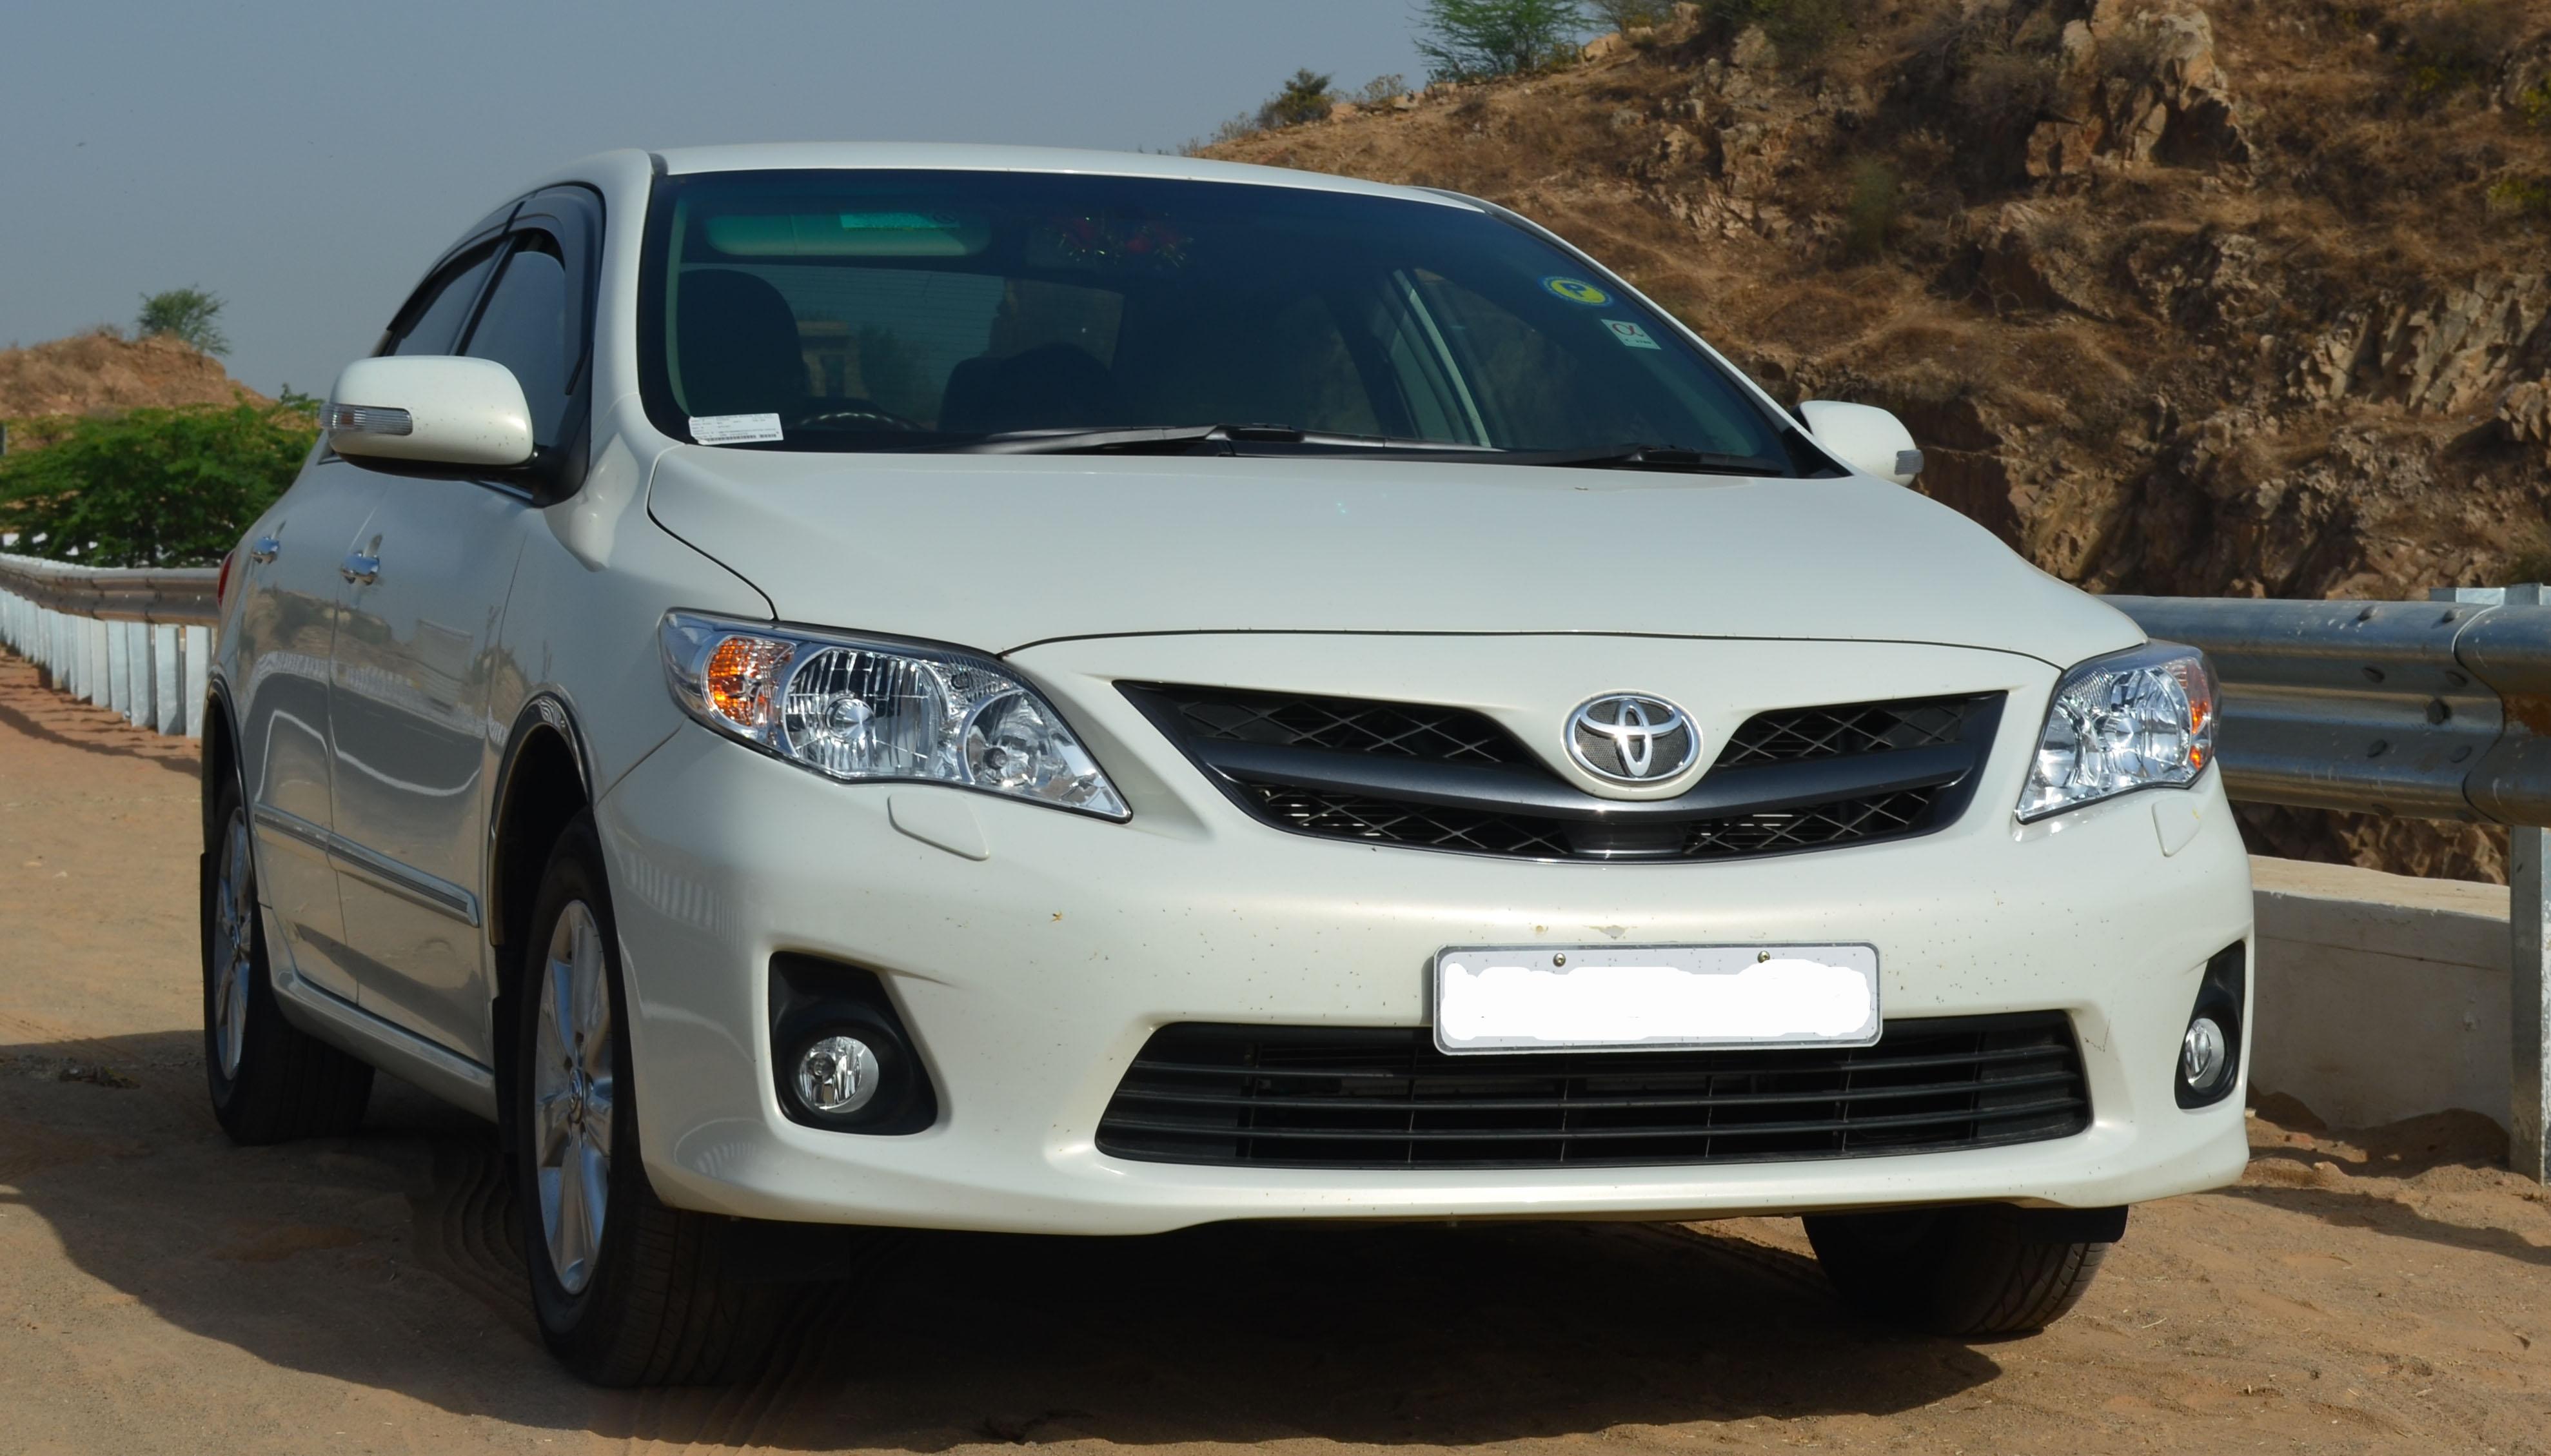 Kekurangan Toyota Altis 2012 Tangguh